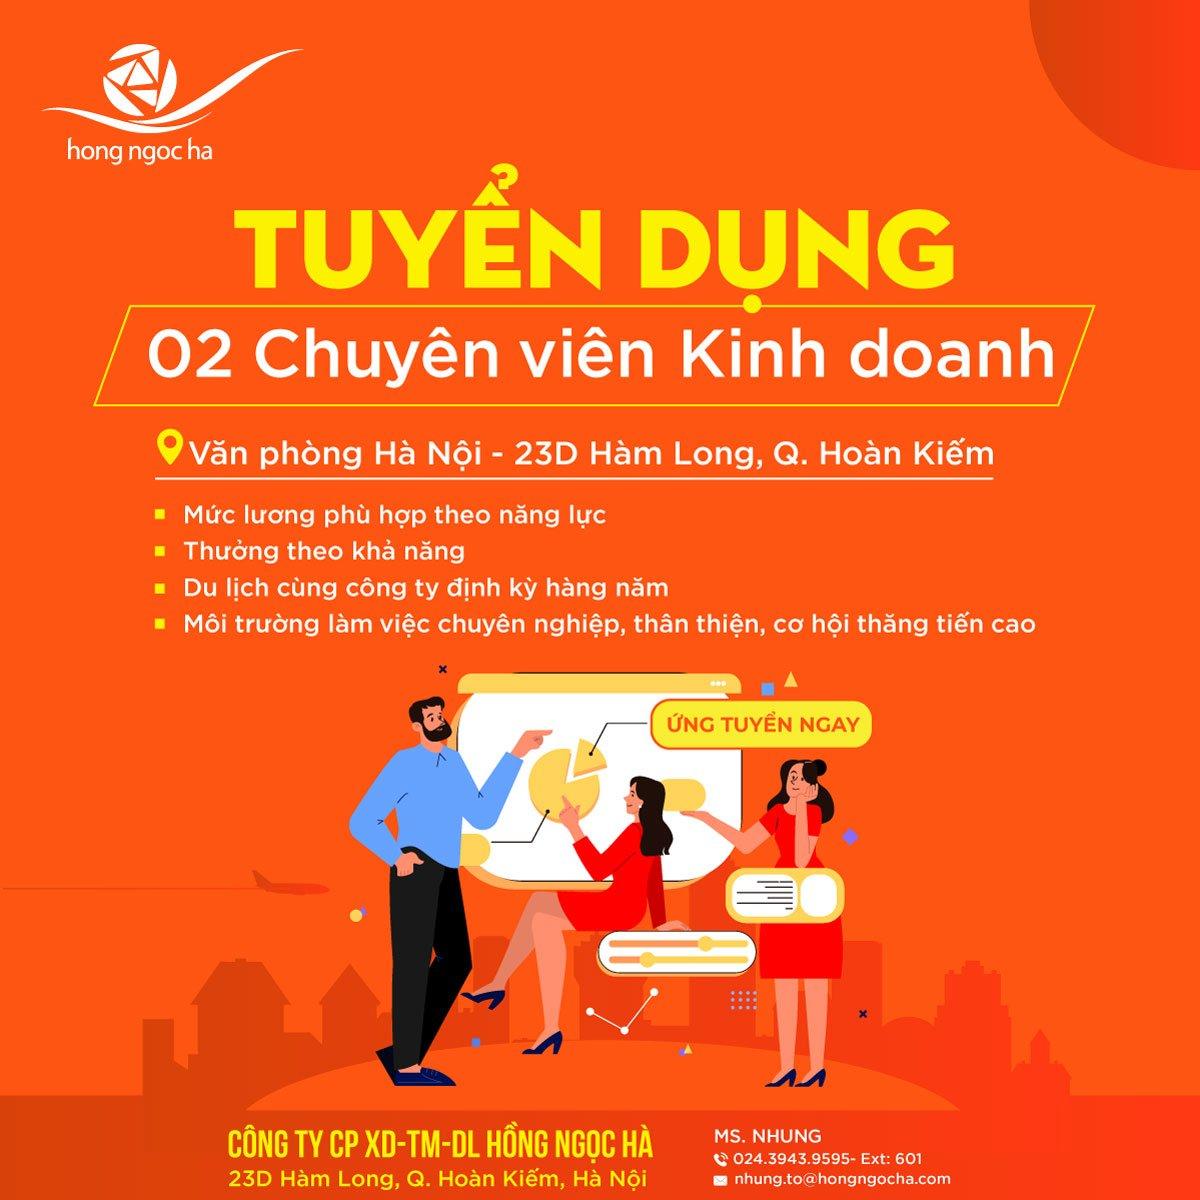 Tuyển dụng nhân sự 04/2021 tại CN Hà Nội